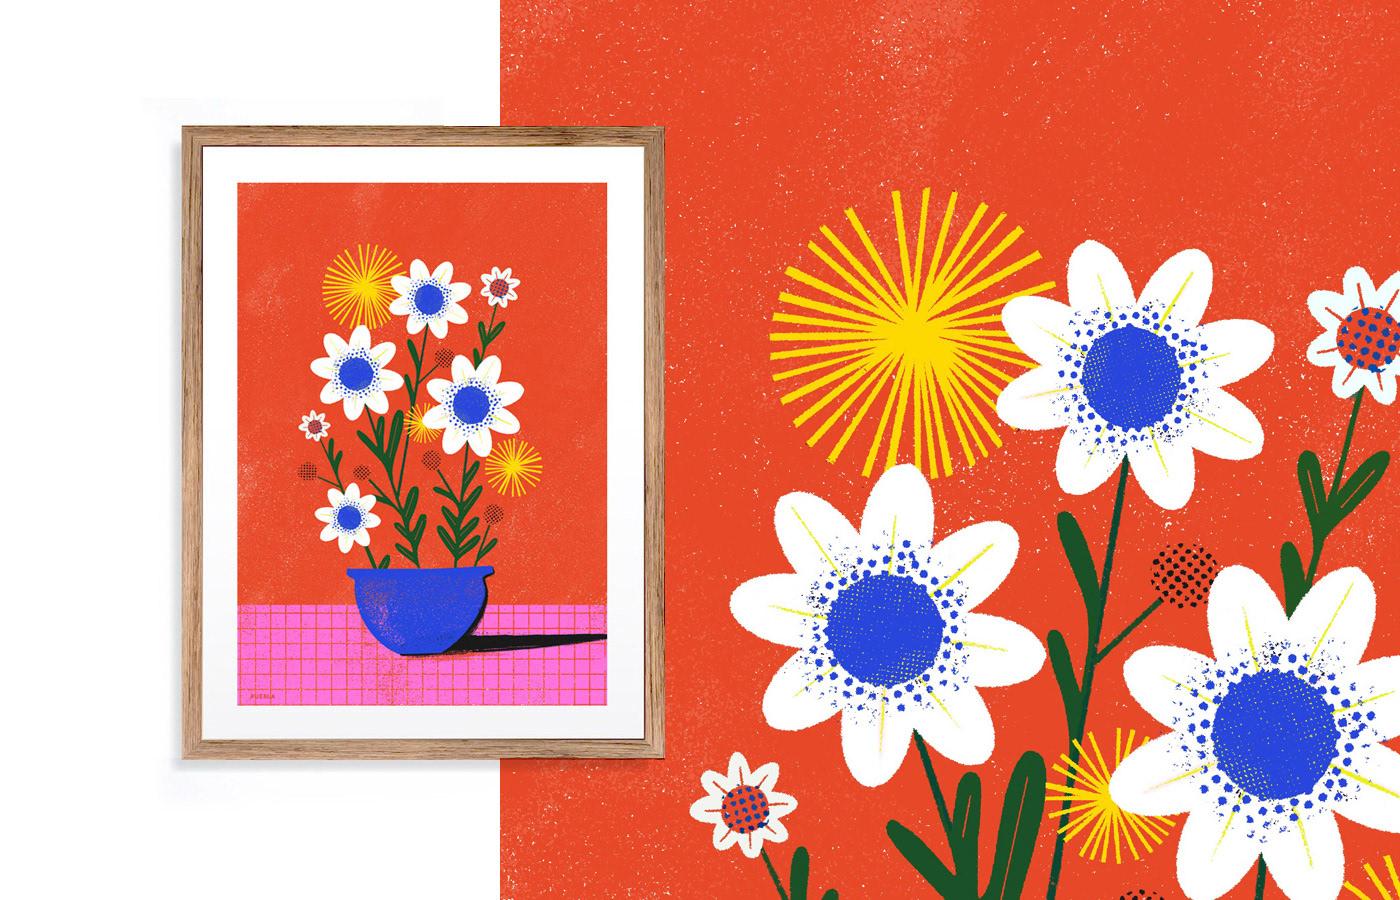 colors Flowers Illustrator Nature prints pueblaestudio